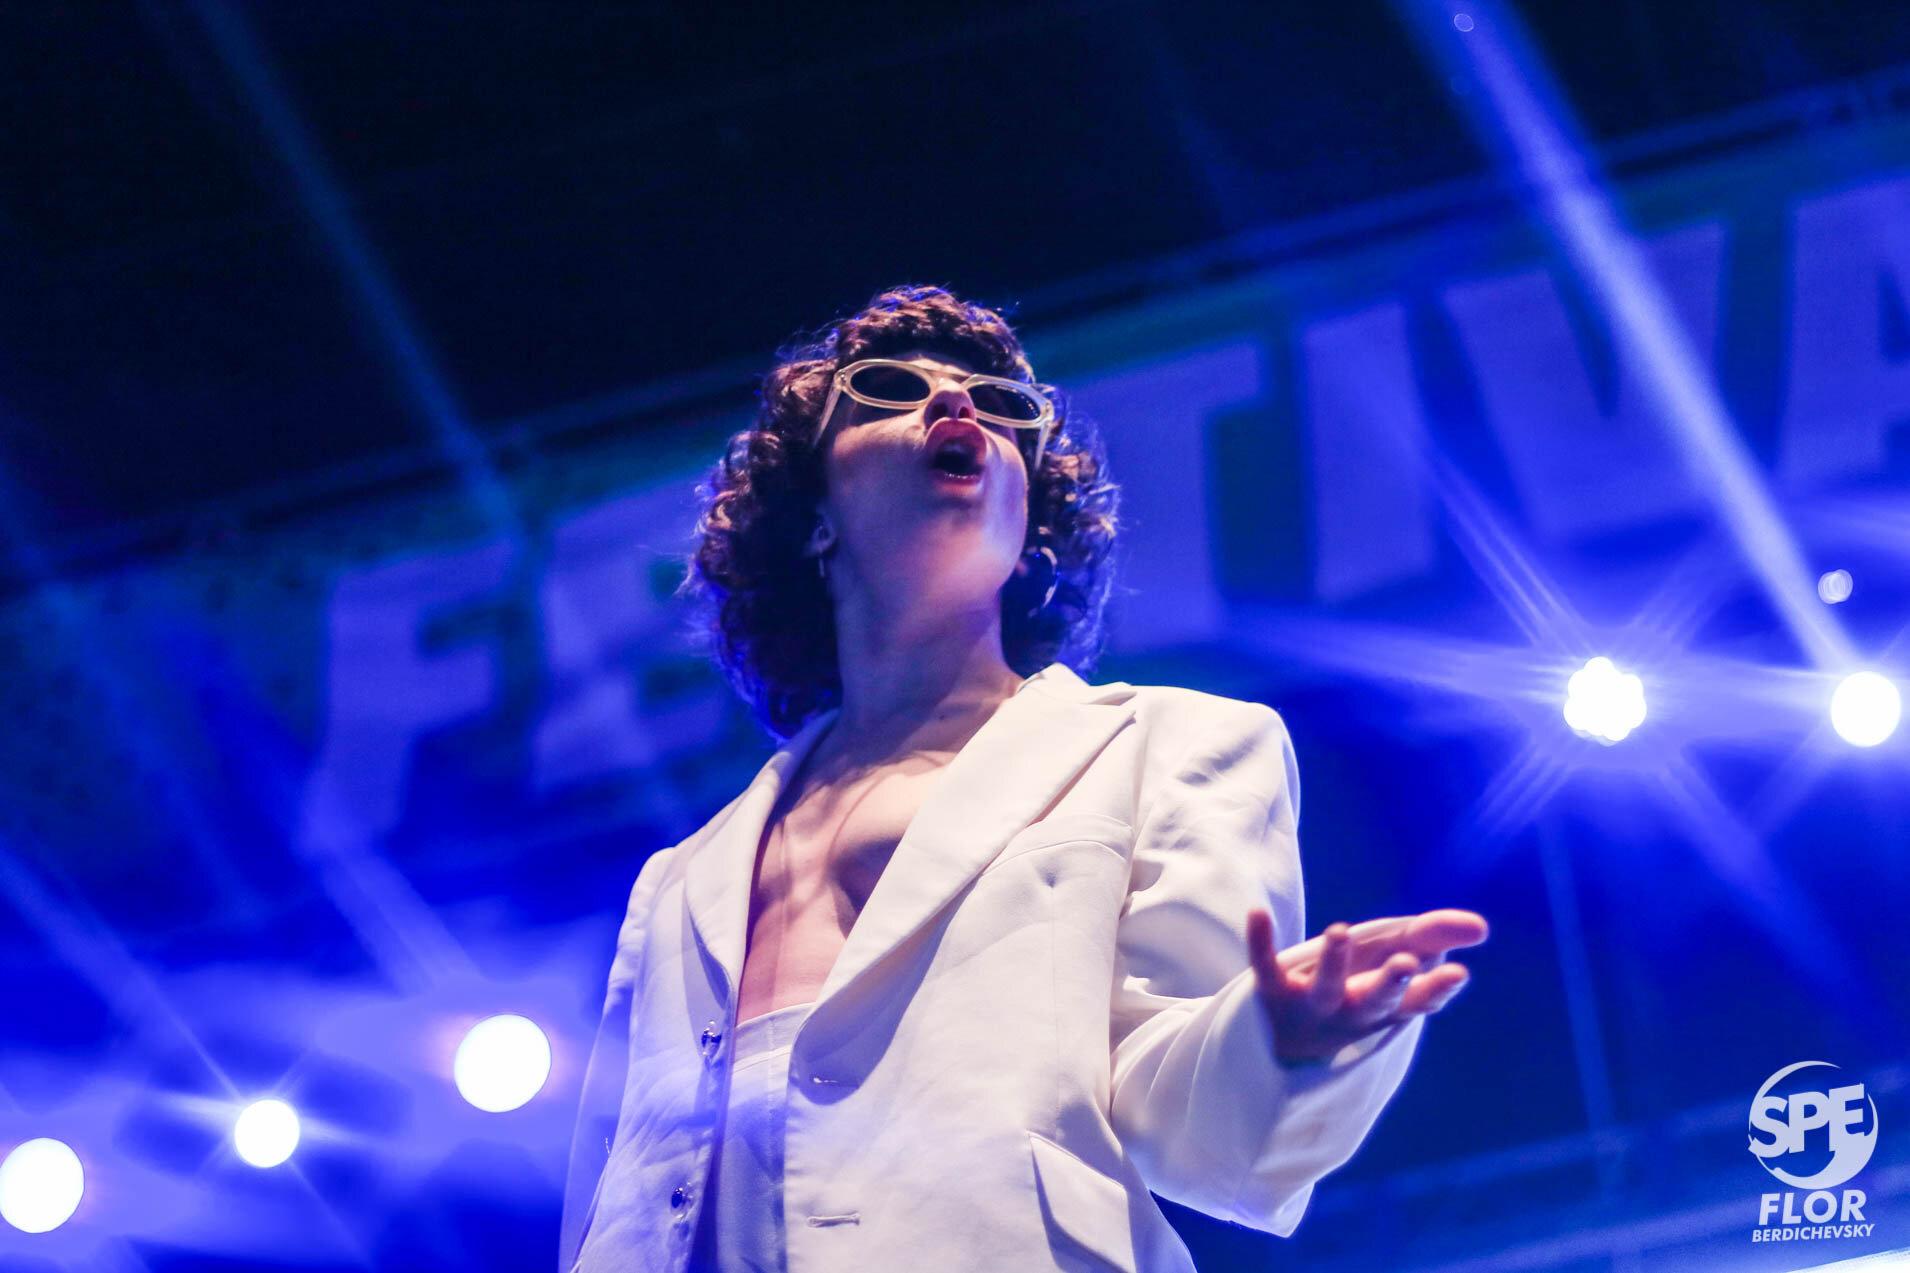 La ganadora del Gardel de oro, Marilina Bertoldi participa del Festival Futurock en el estadio Malvinas Argentinas, el 28 de Septiembre de 2019. El festival estuvo organizado por la radio Futurock. Foto de: Florencia Berdichevsky